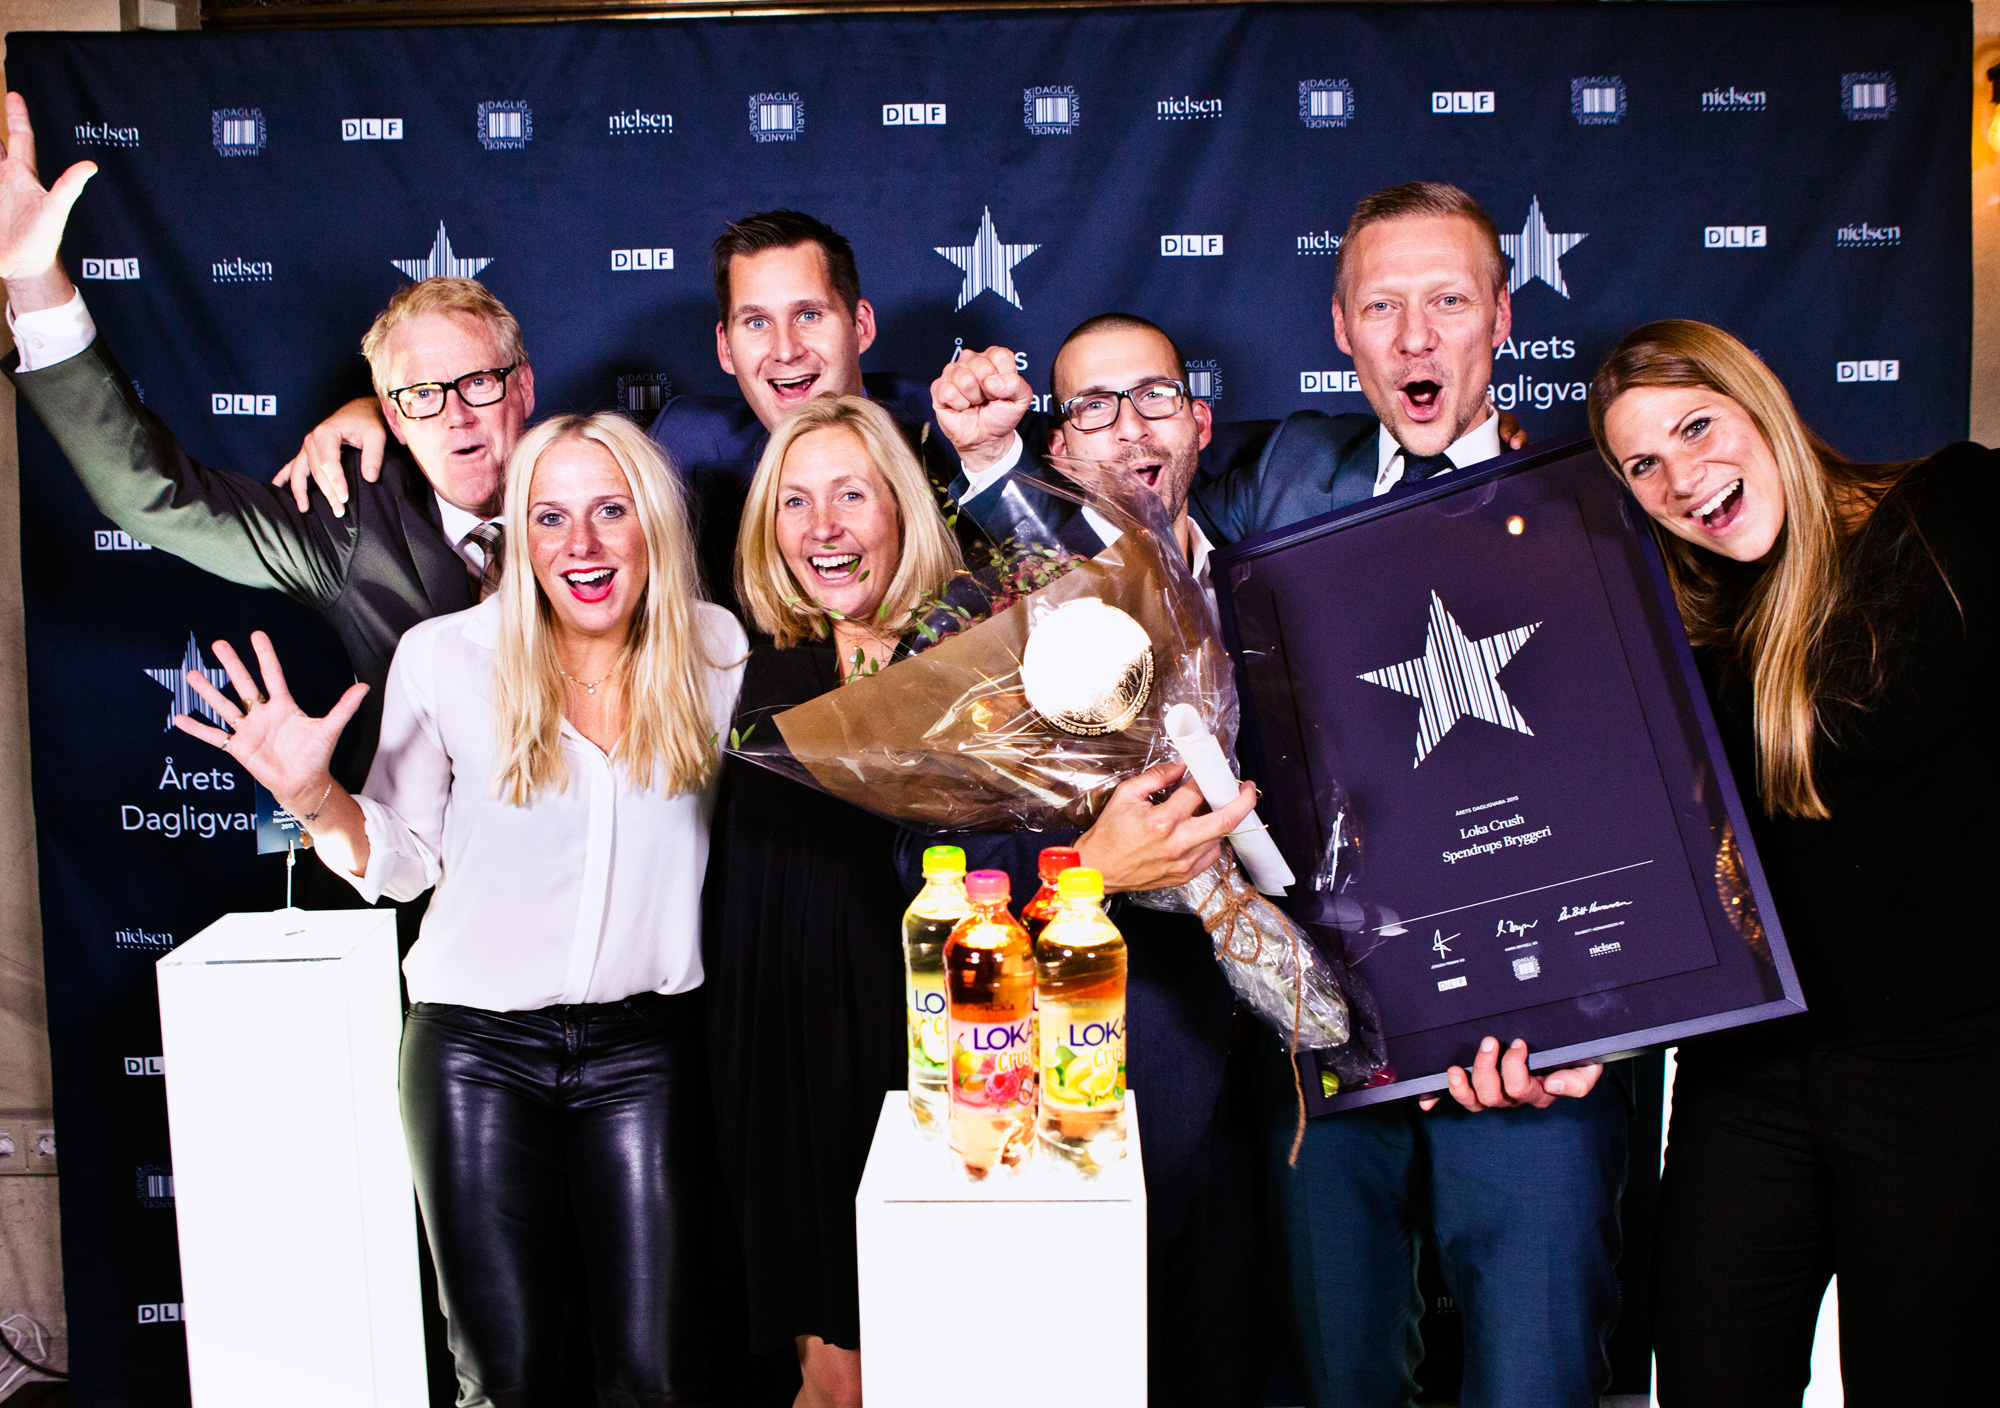 Vinnare Årets Dagligvara 2015 - Spendrups bryggeri